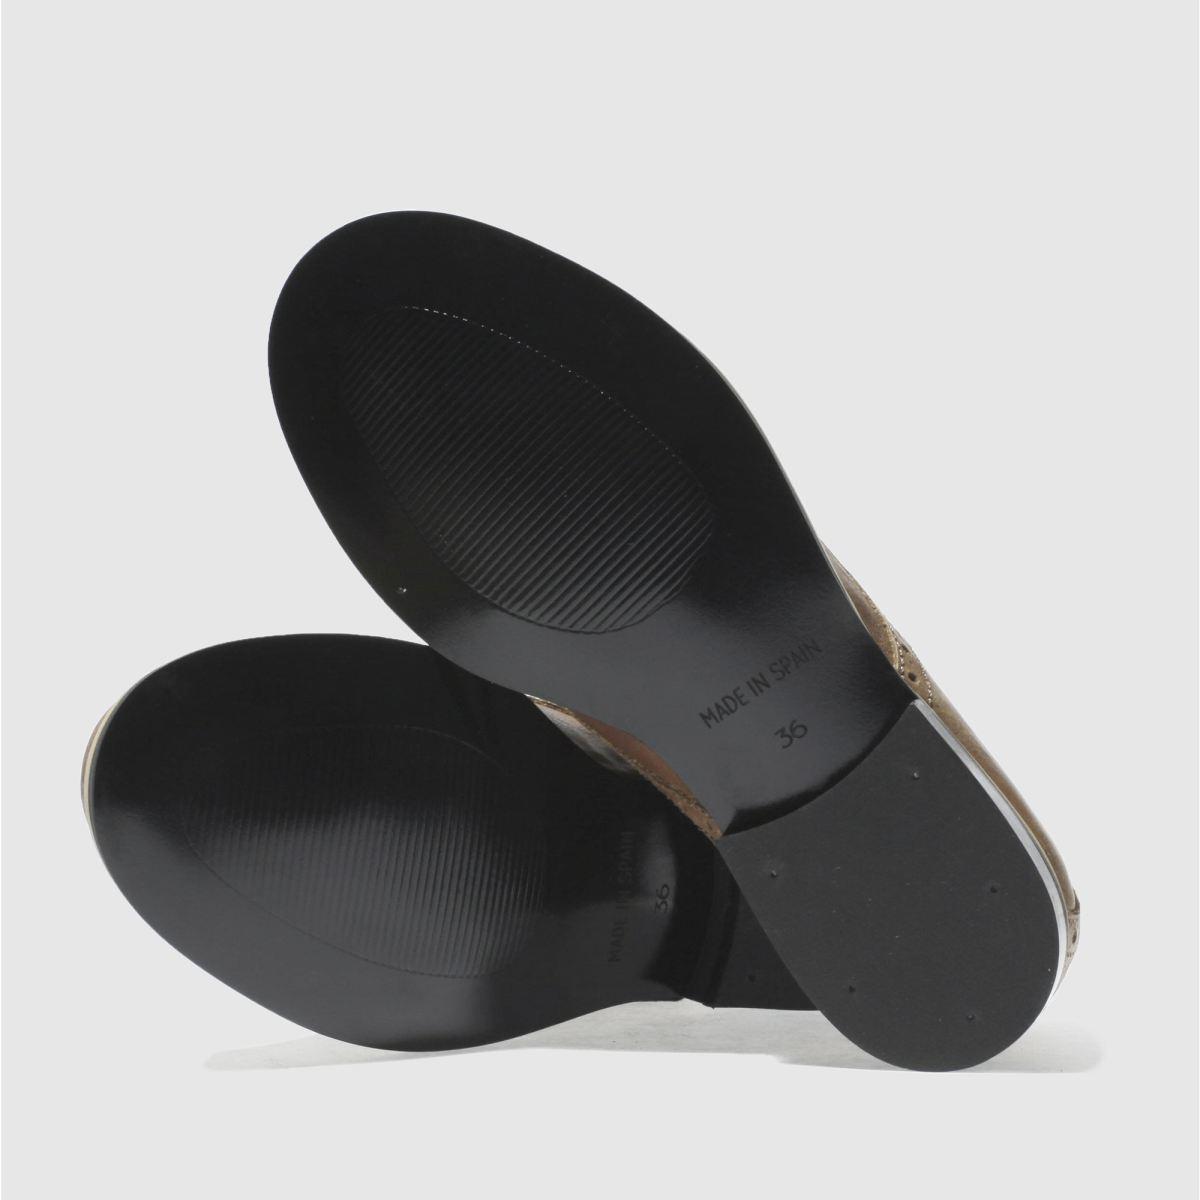 Damen Hellbraun red or dead Rosie Flats | Schuhe schuh Gute Qualität beliebte Schuhe | 399e45